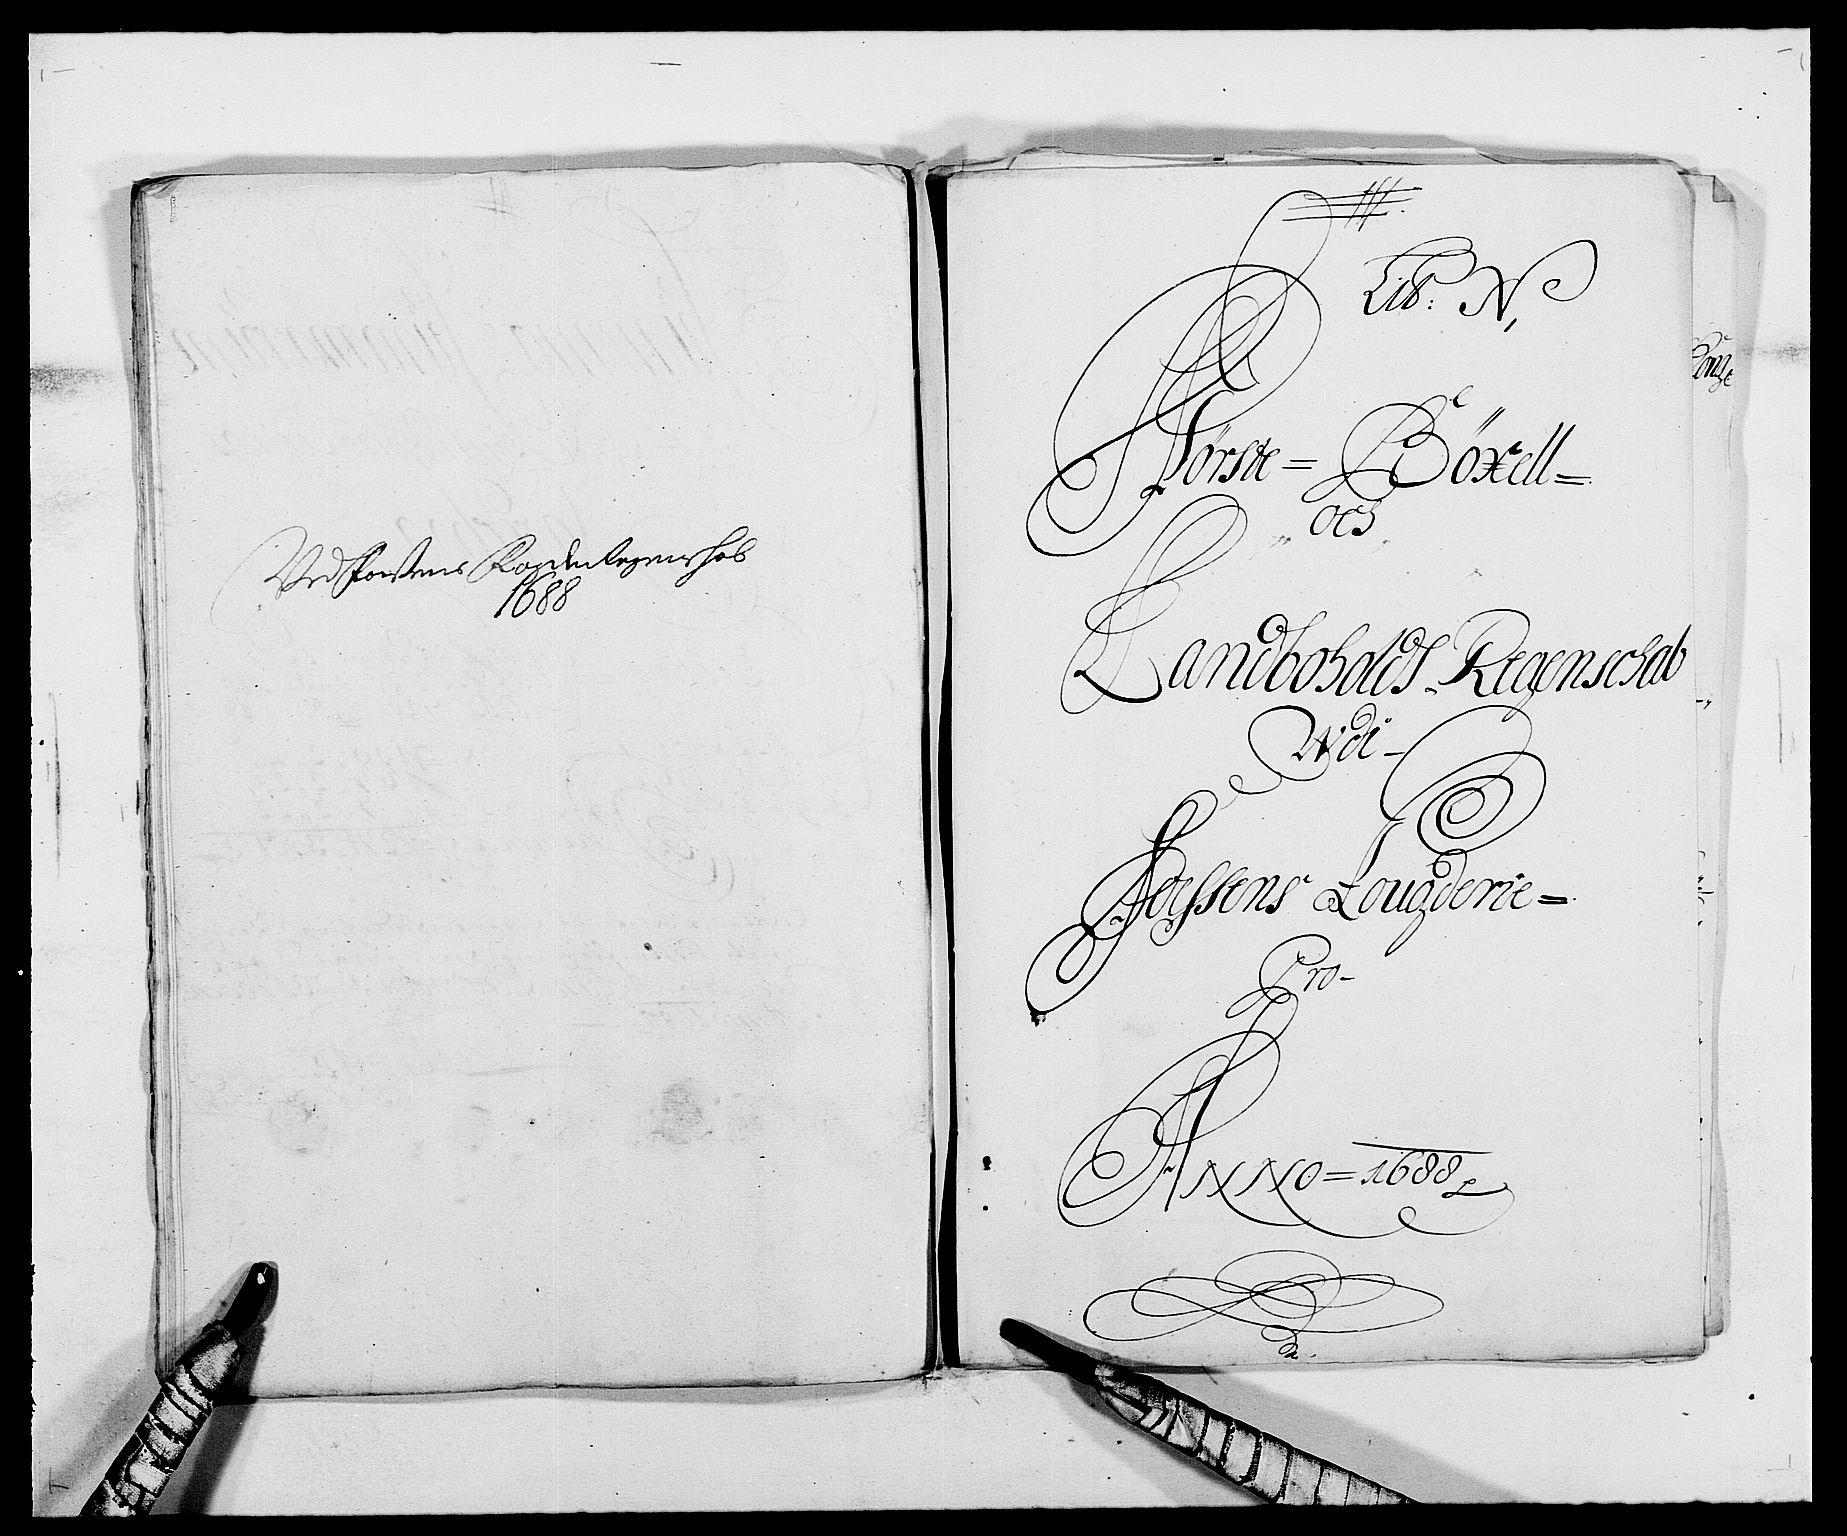 RA, Rentekammeret inntil 1814, Reviderte regnskaper, Fogderegnskap, R57/L3846: Fogderegnskap Fosen, 1688, s. 154